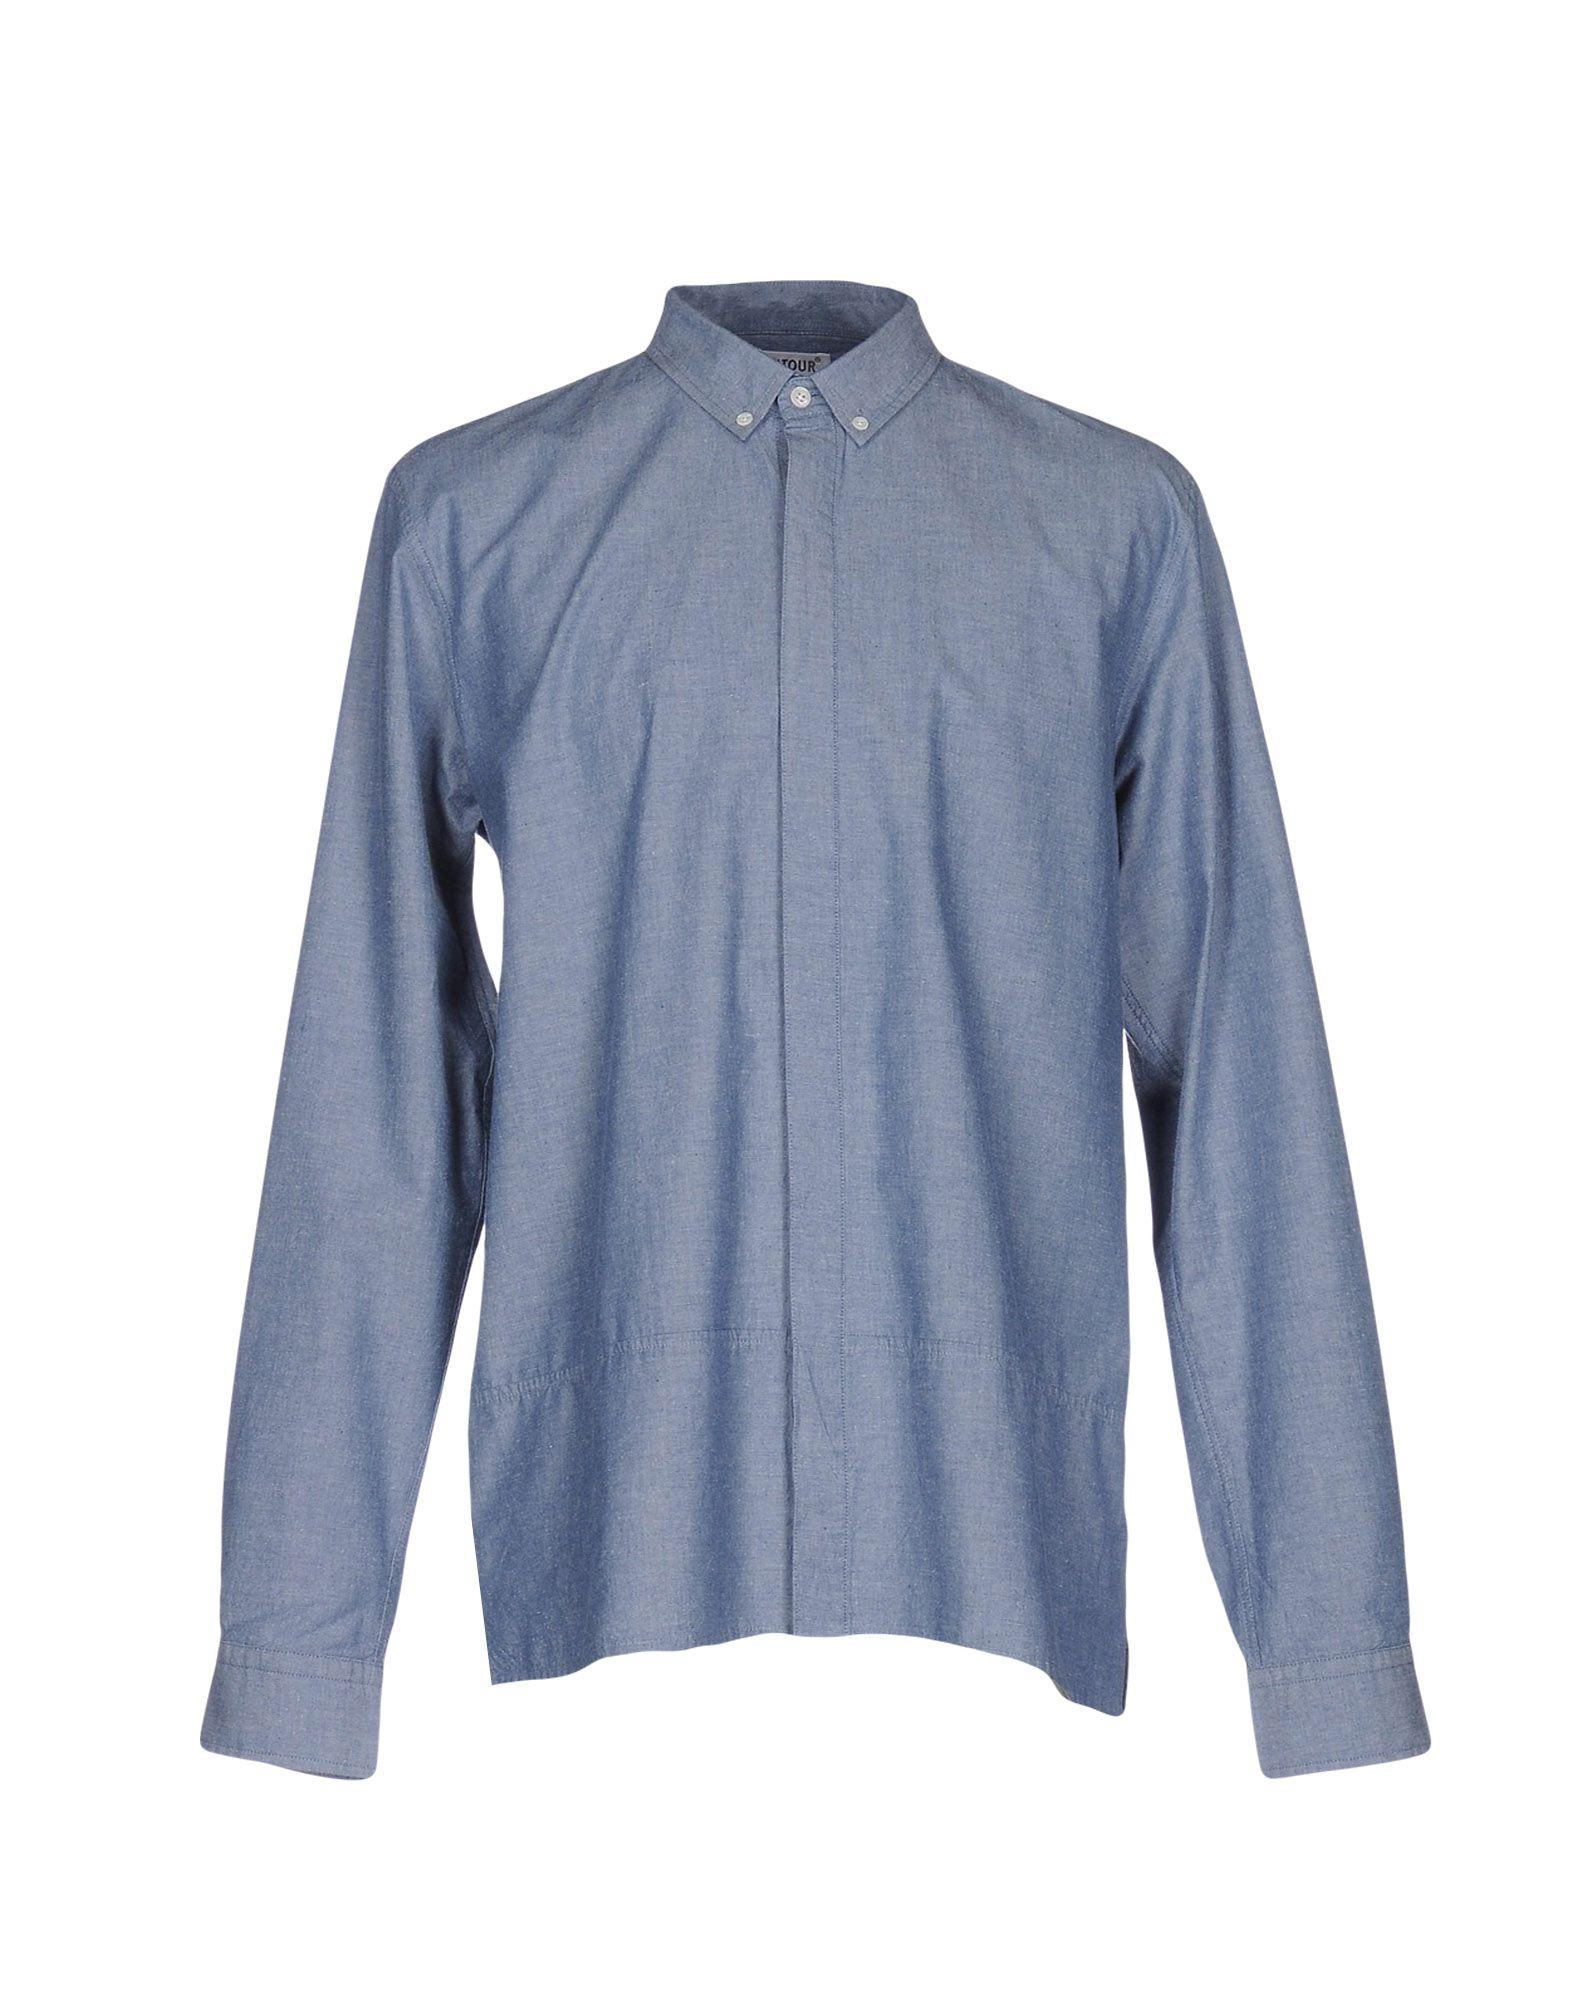 《送料無料》ONTOUR メンズ デニムシャツ ブルー XL コットン 100%